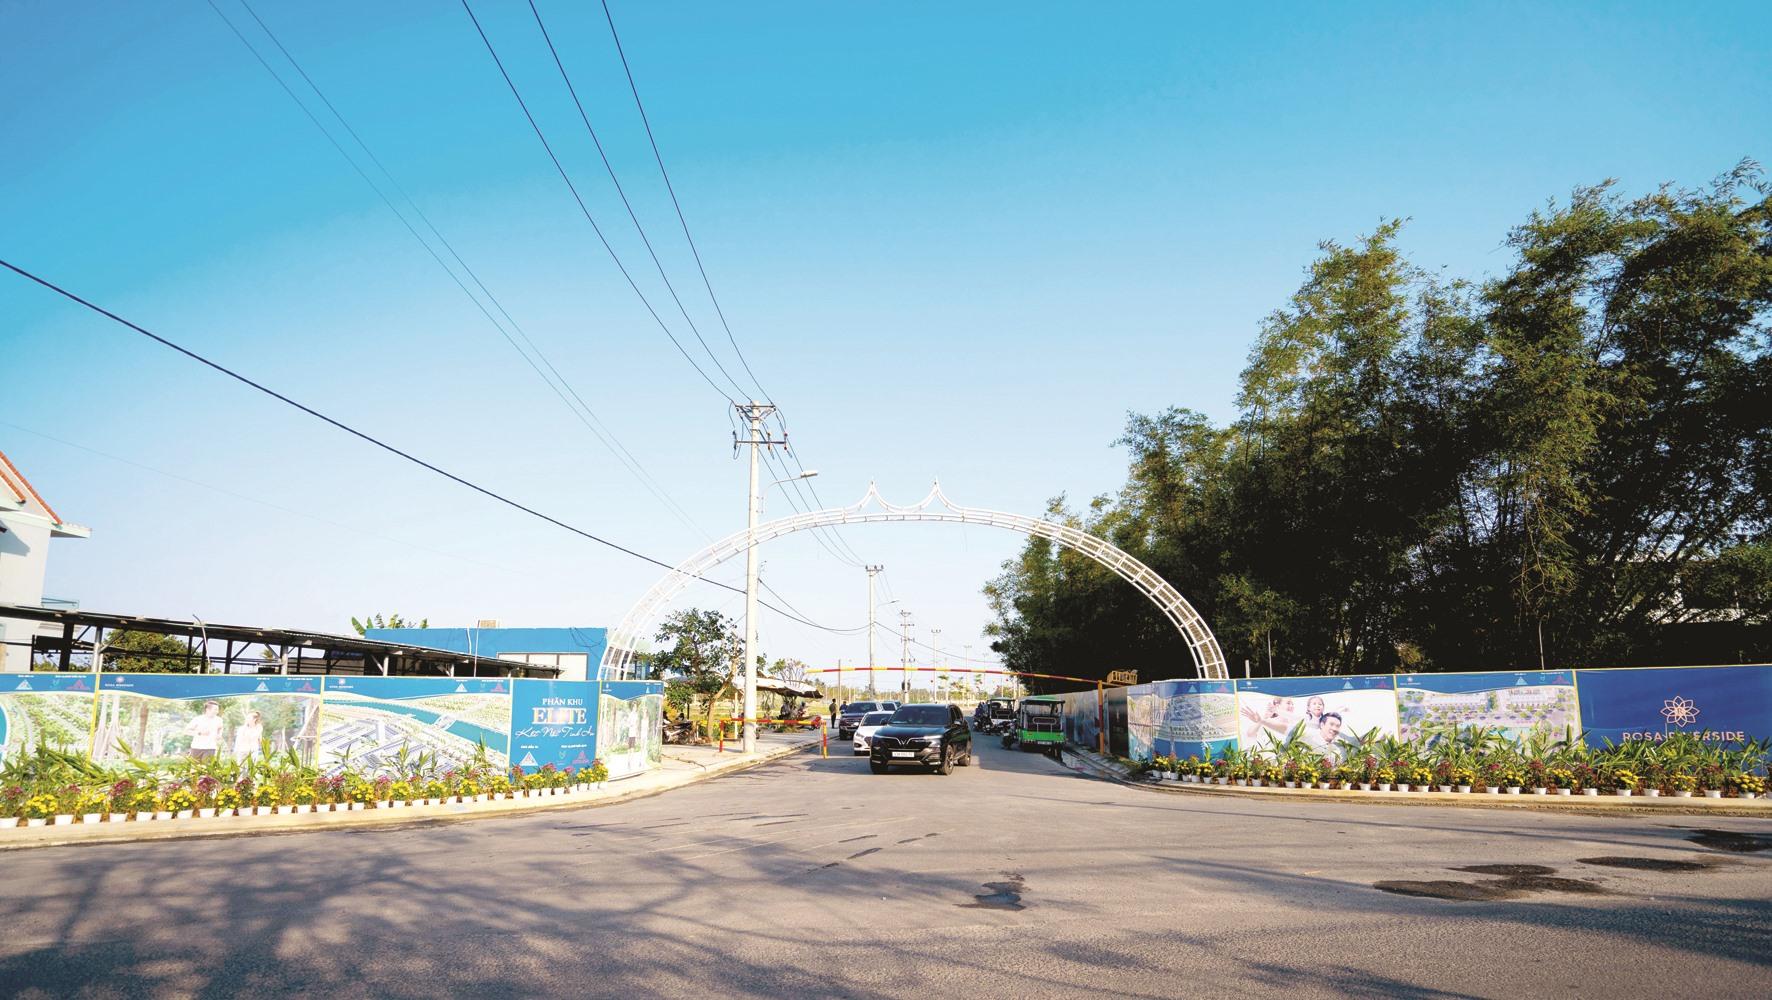 Đường vào một dự án chuỗi đô thị (tại phường Điện Dương) do An Dương làm chủ đầu tư xây dựng xong khoảng 90% hạ tầng khung. Ảnh: T.C.T